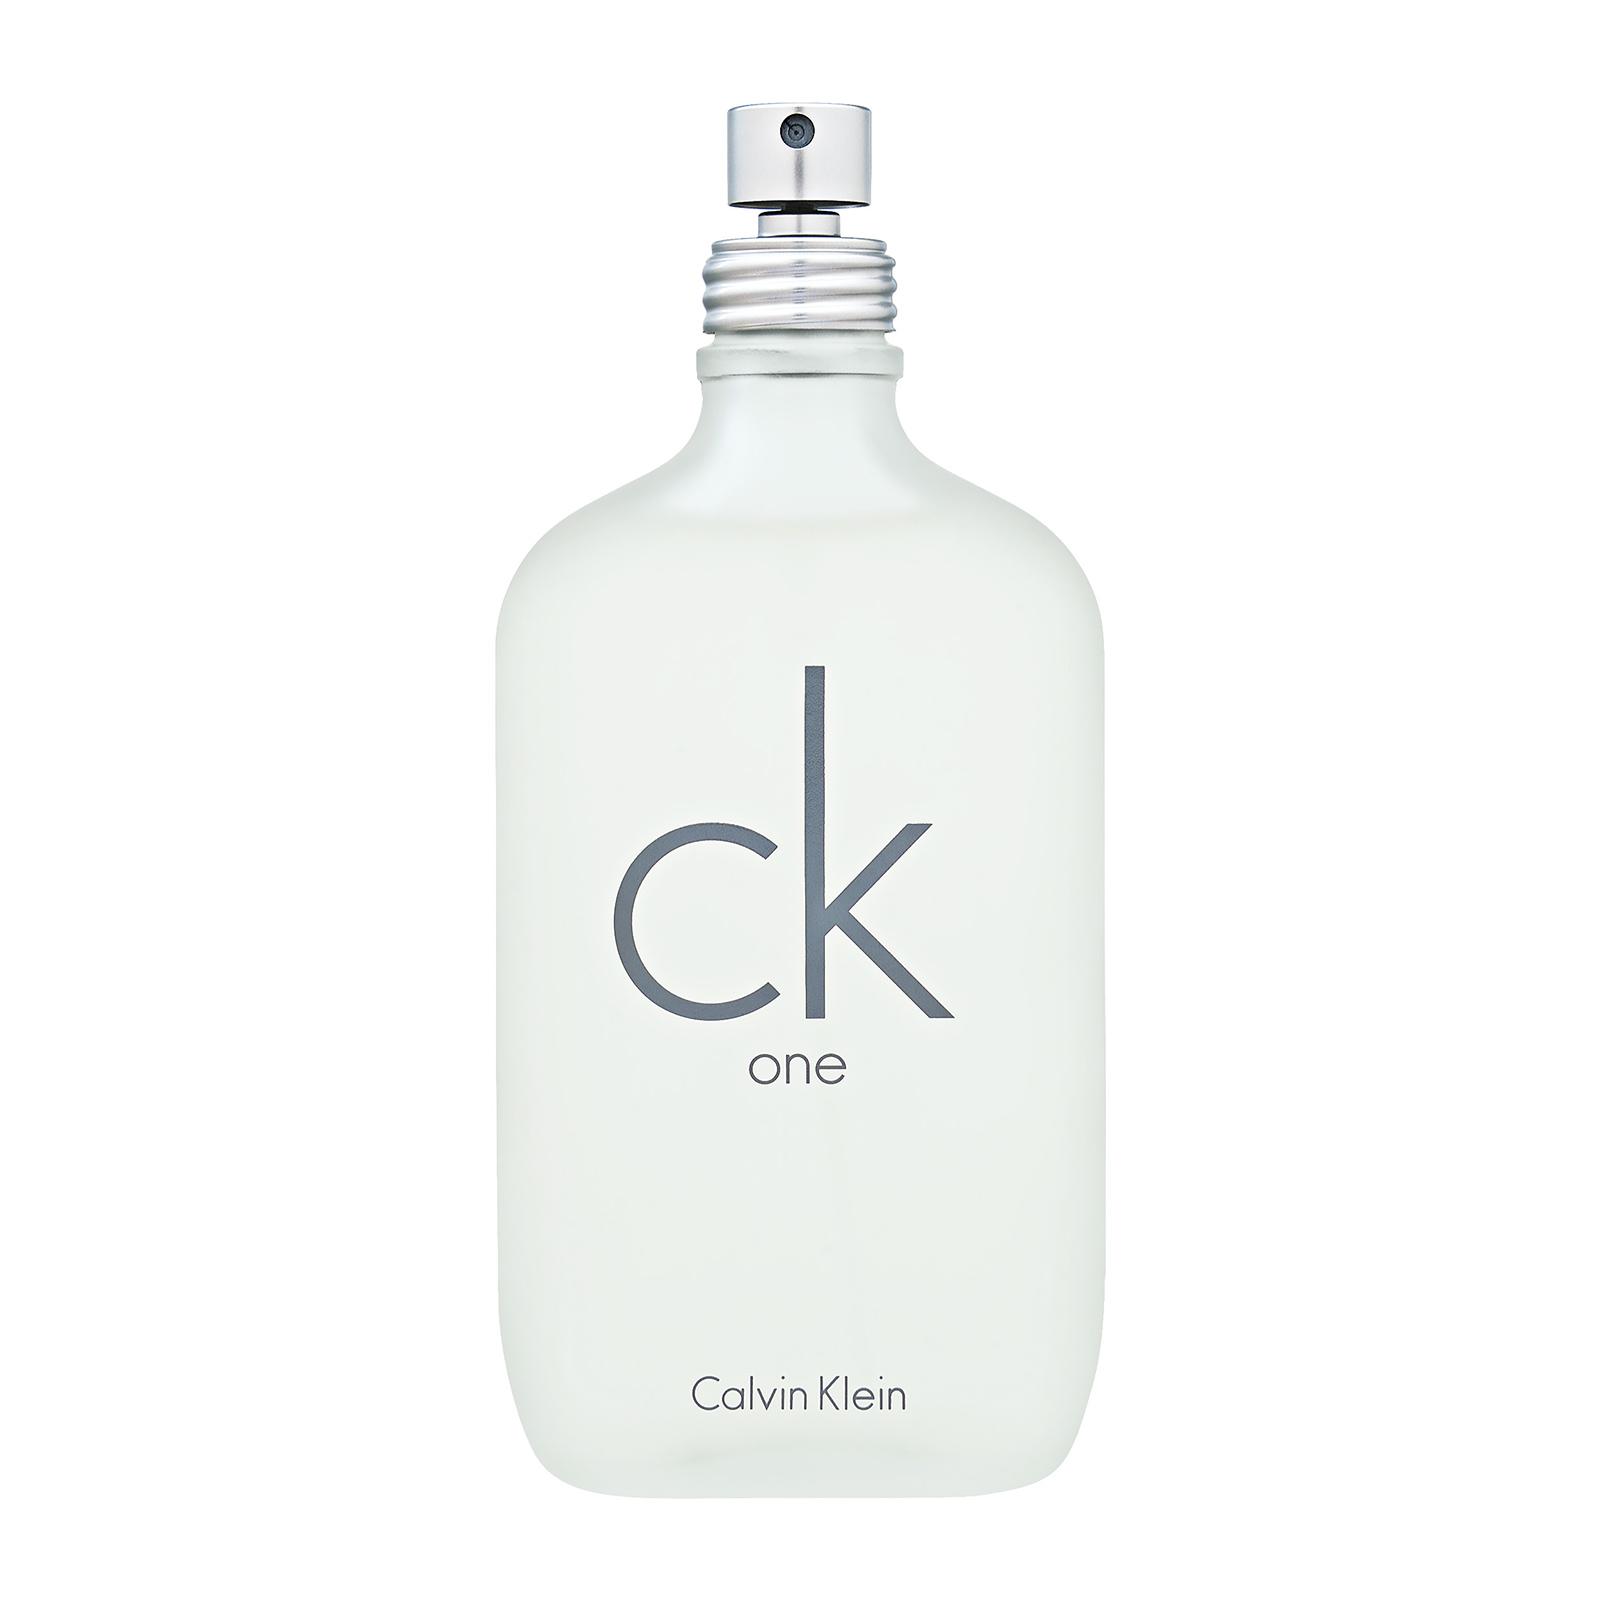 Calvin Klein CK One EDT 200ml,